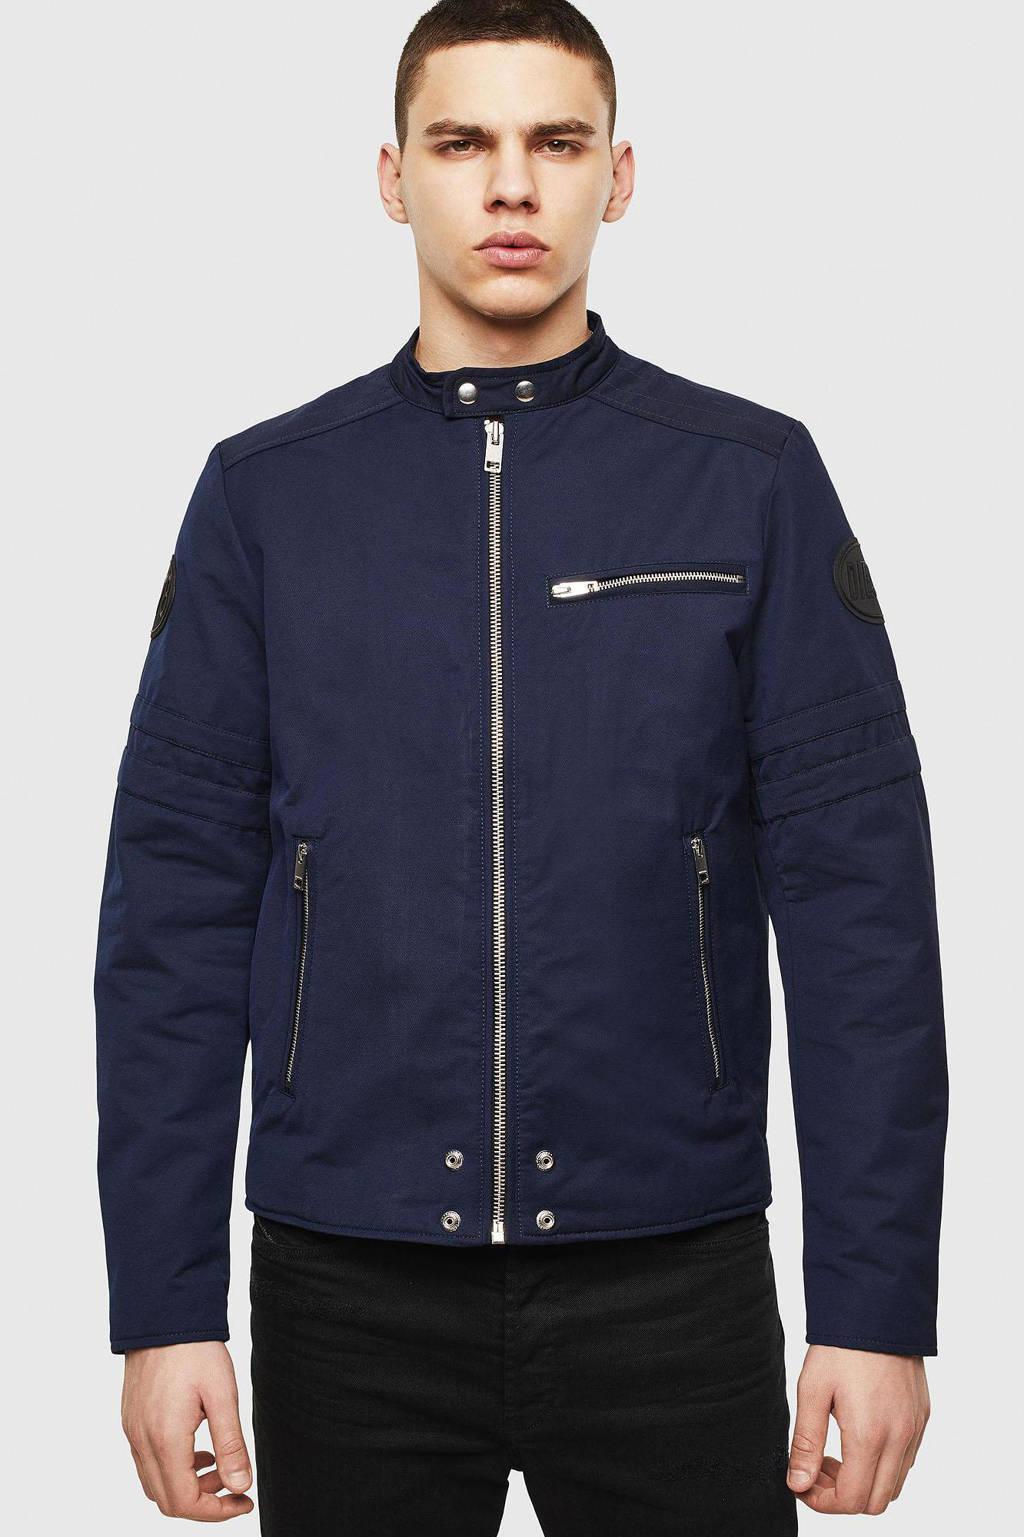 Diesel jas donkerblauw, Donkerblauw